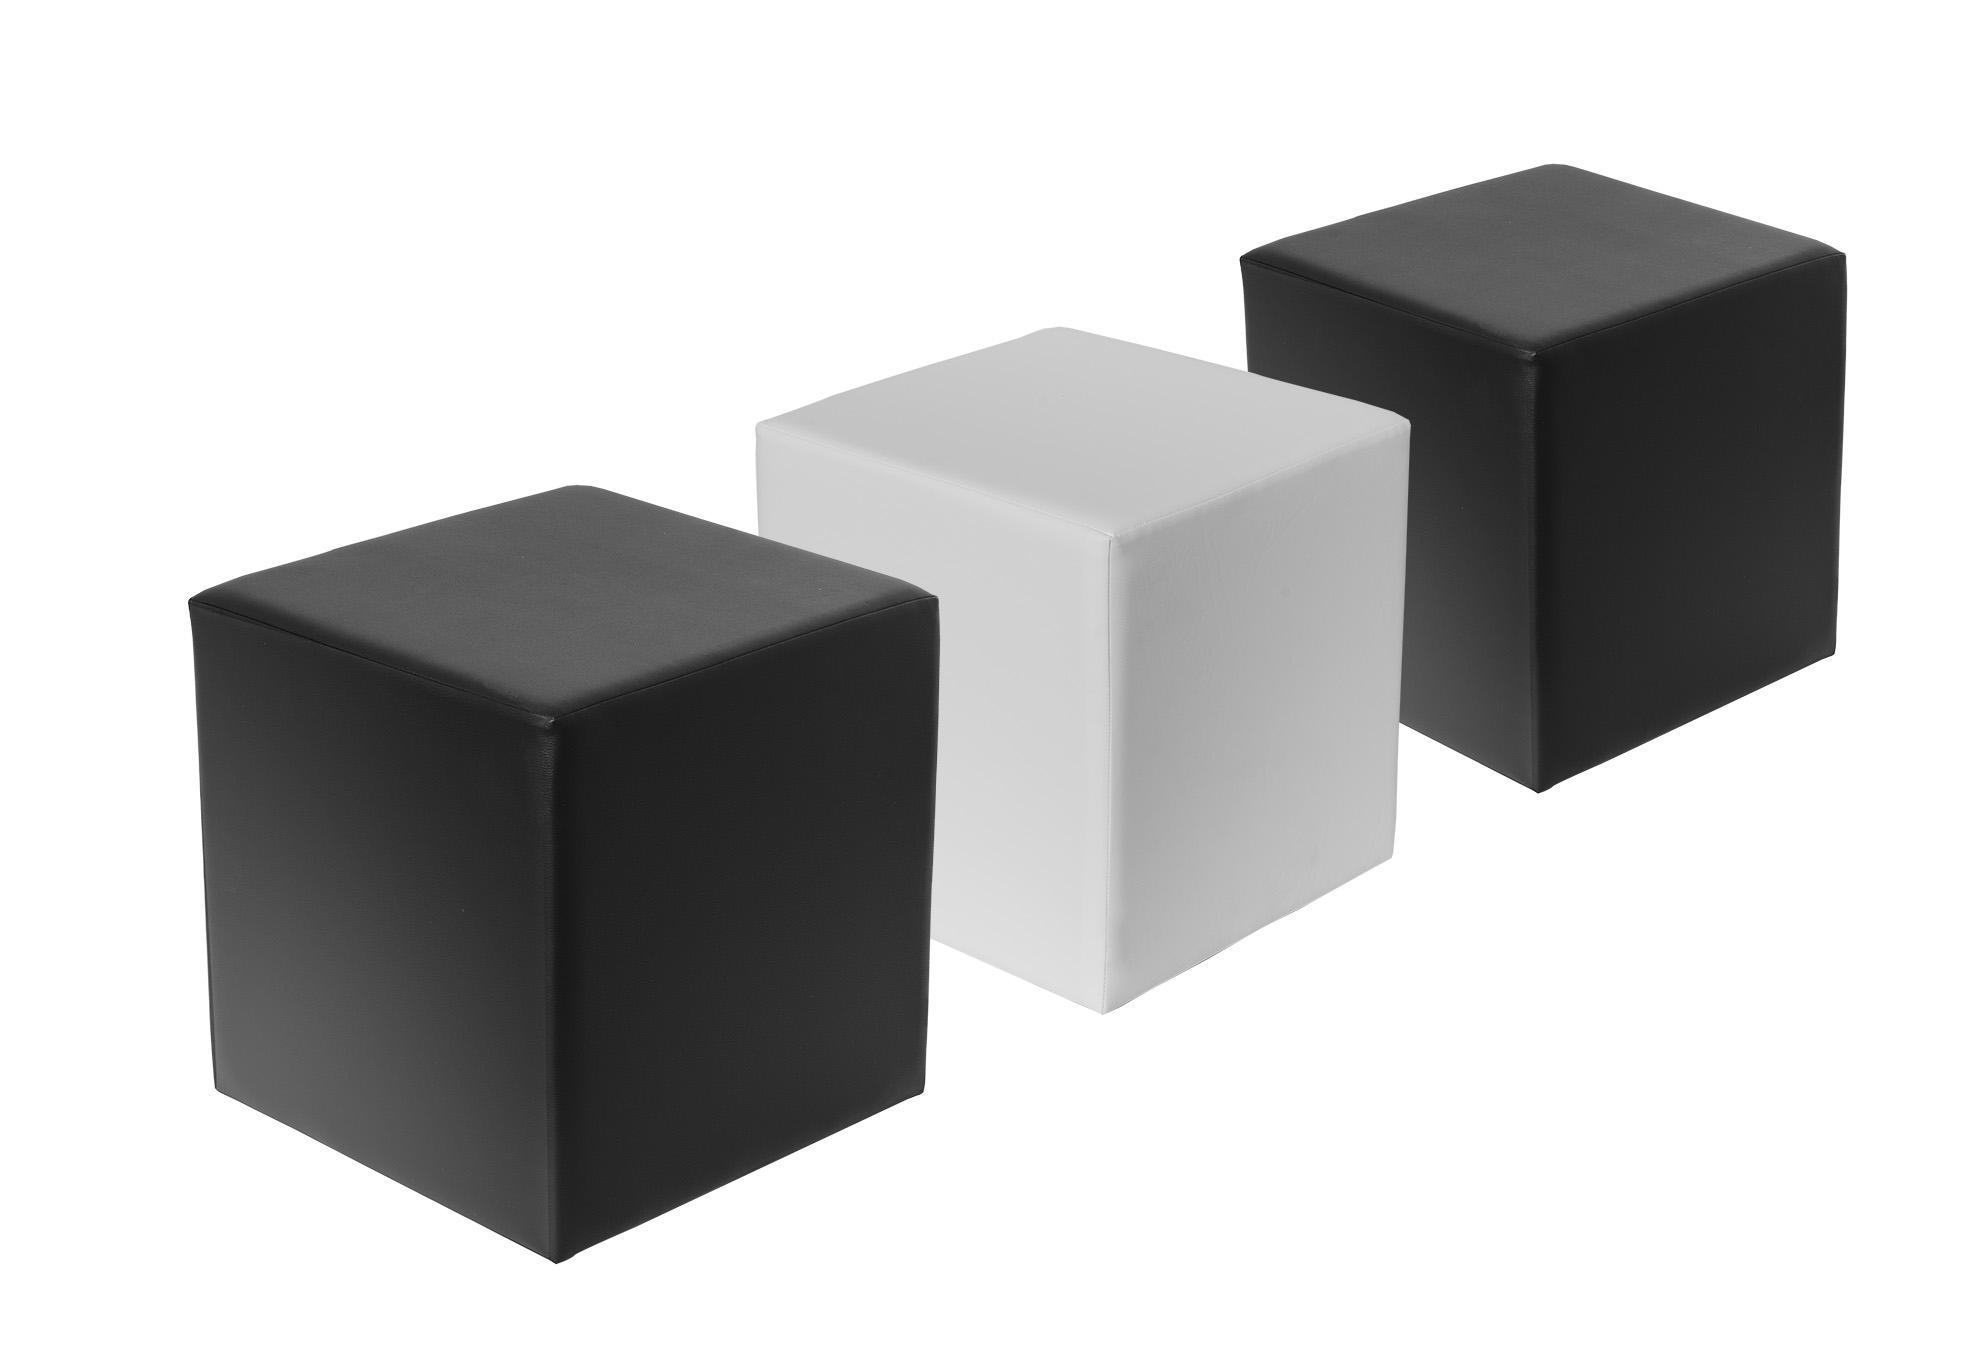 Sitzwürfel KUBY (ähnl. CUBE) - die beliebten Hocker in schwarz / weiß, Sitzhocker, Kunstleder - bequem & stylisch